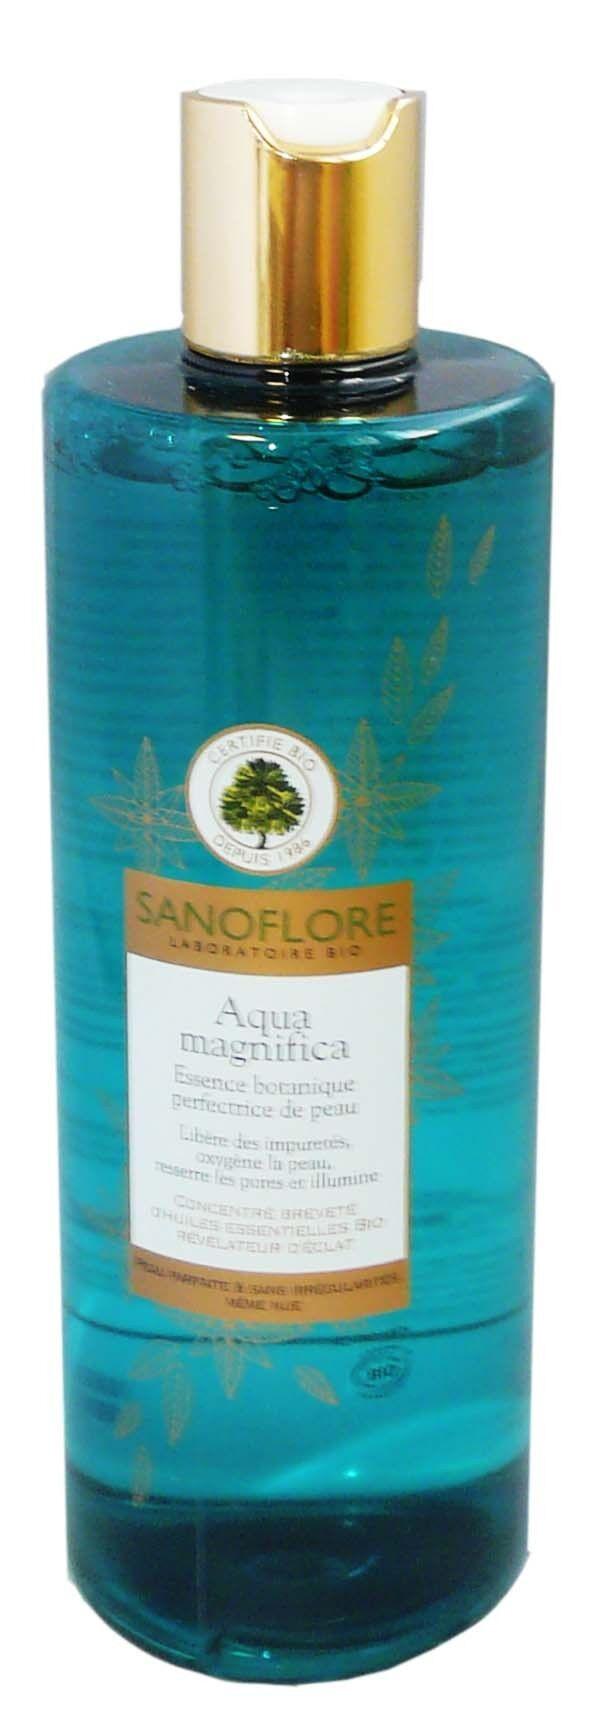 Sanoflore aqua magnifica essence botanique 400ml